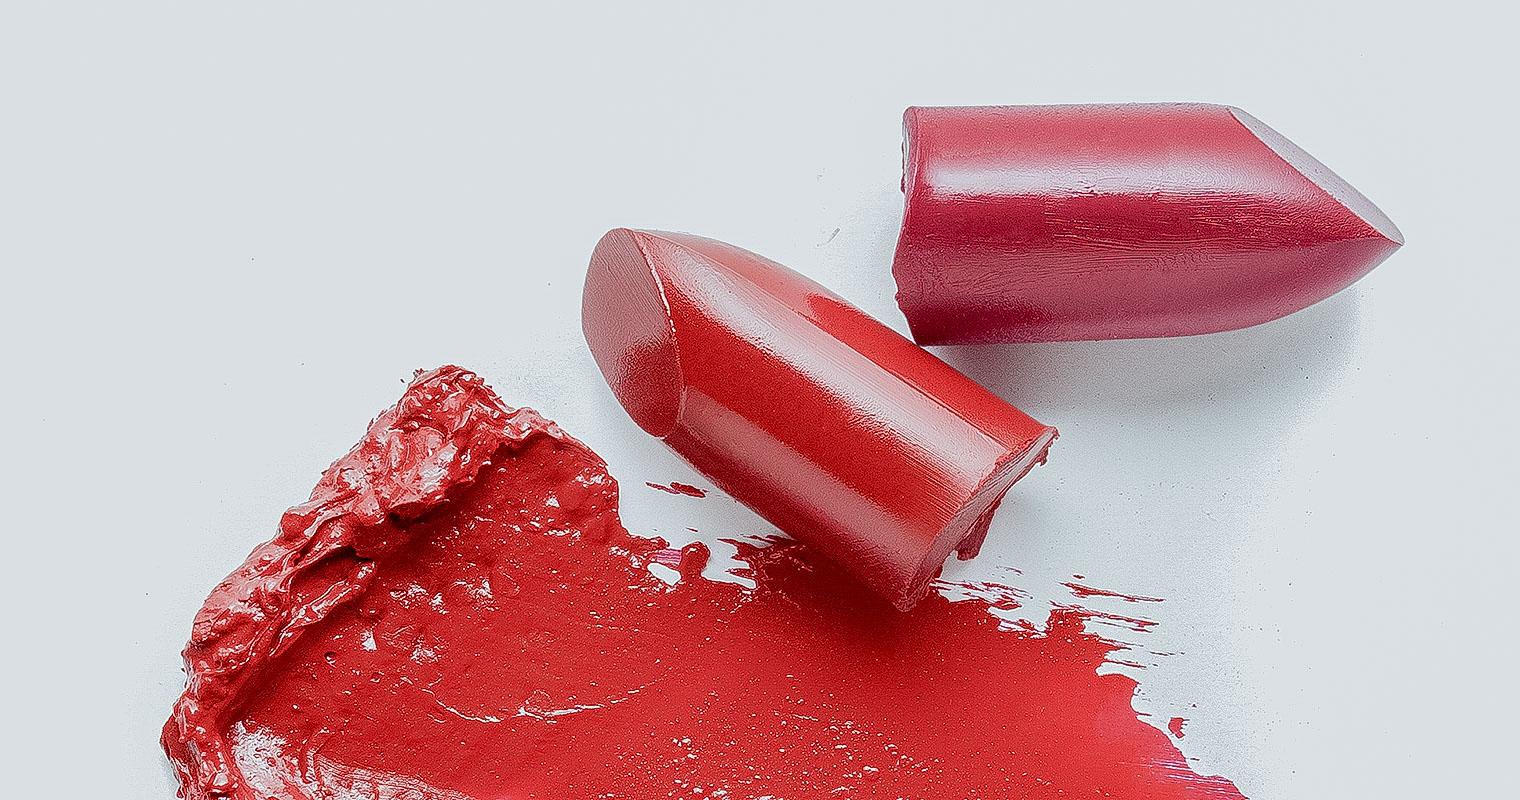 makeup containing ingredient harmful to skin flora